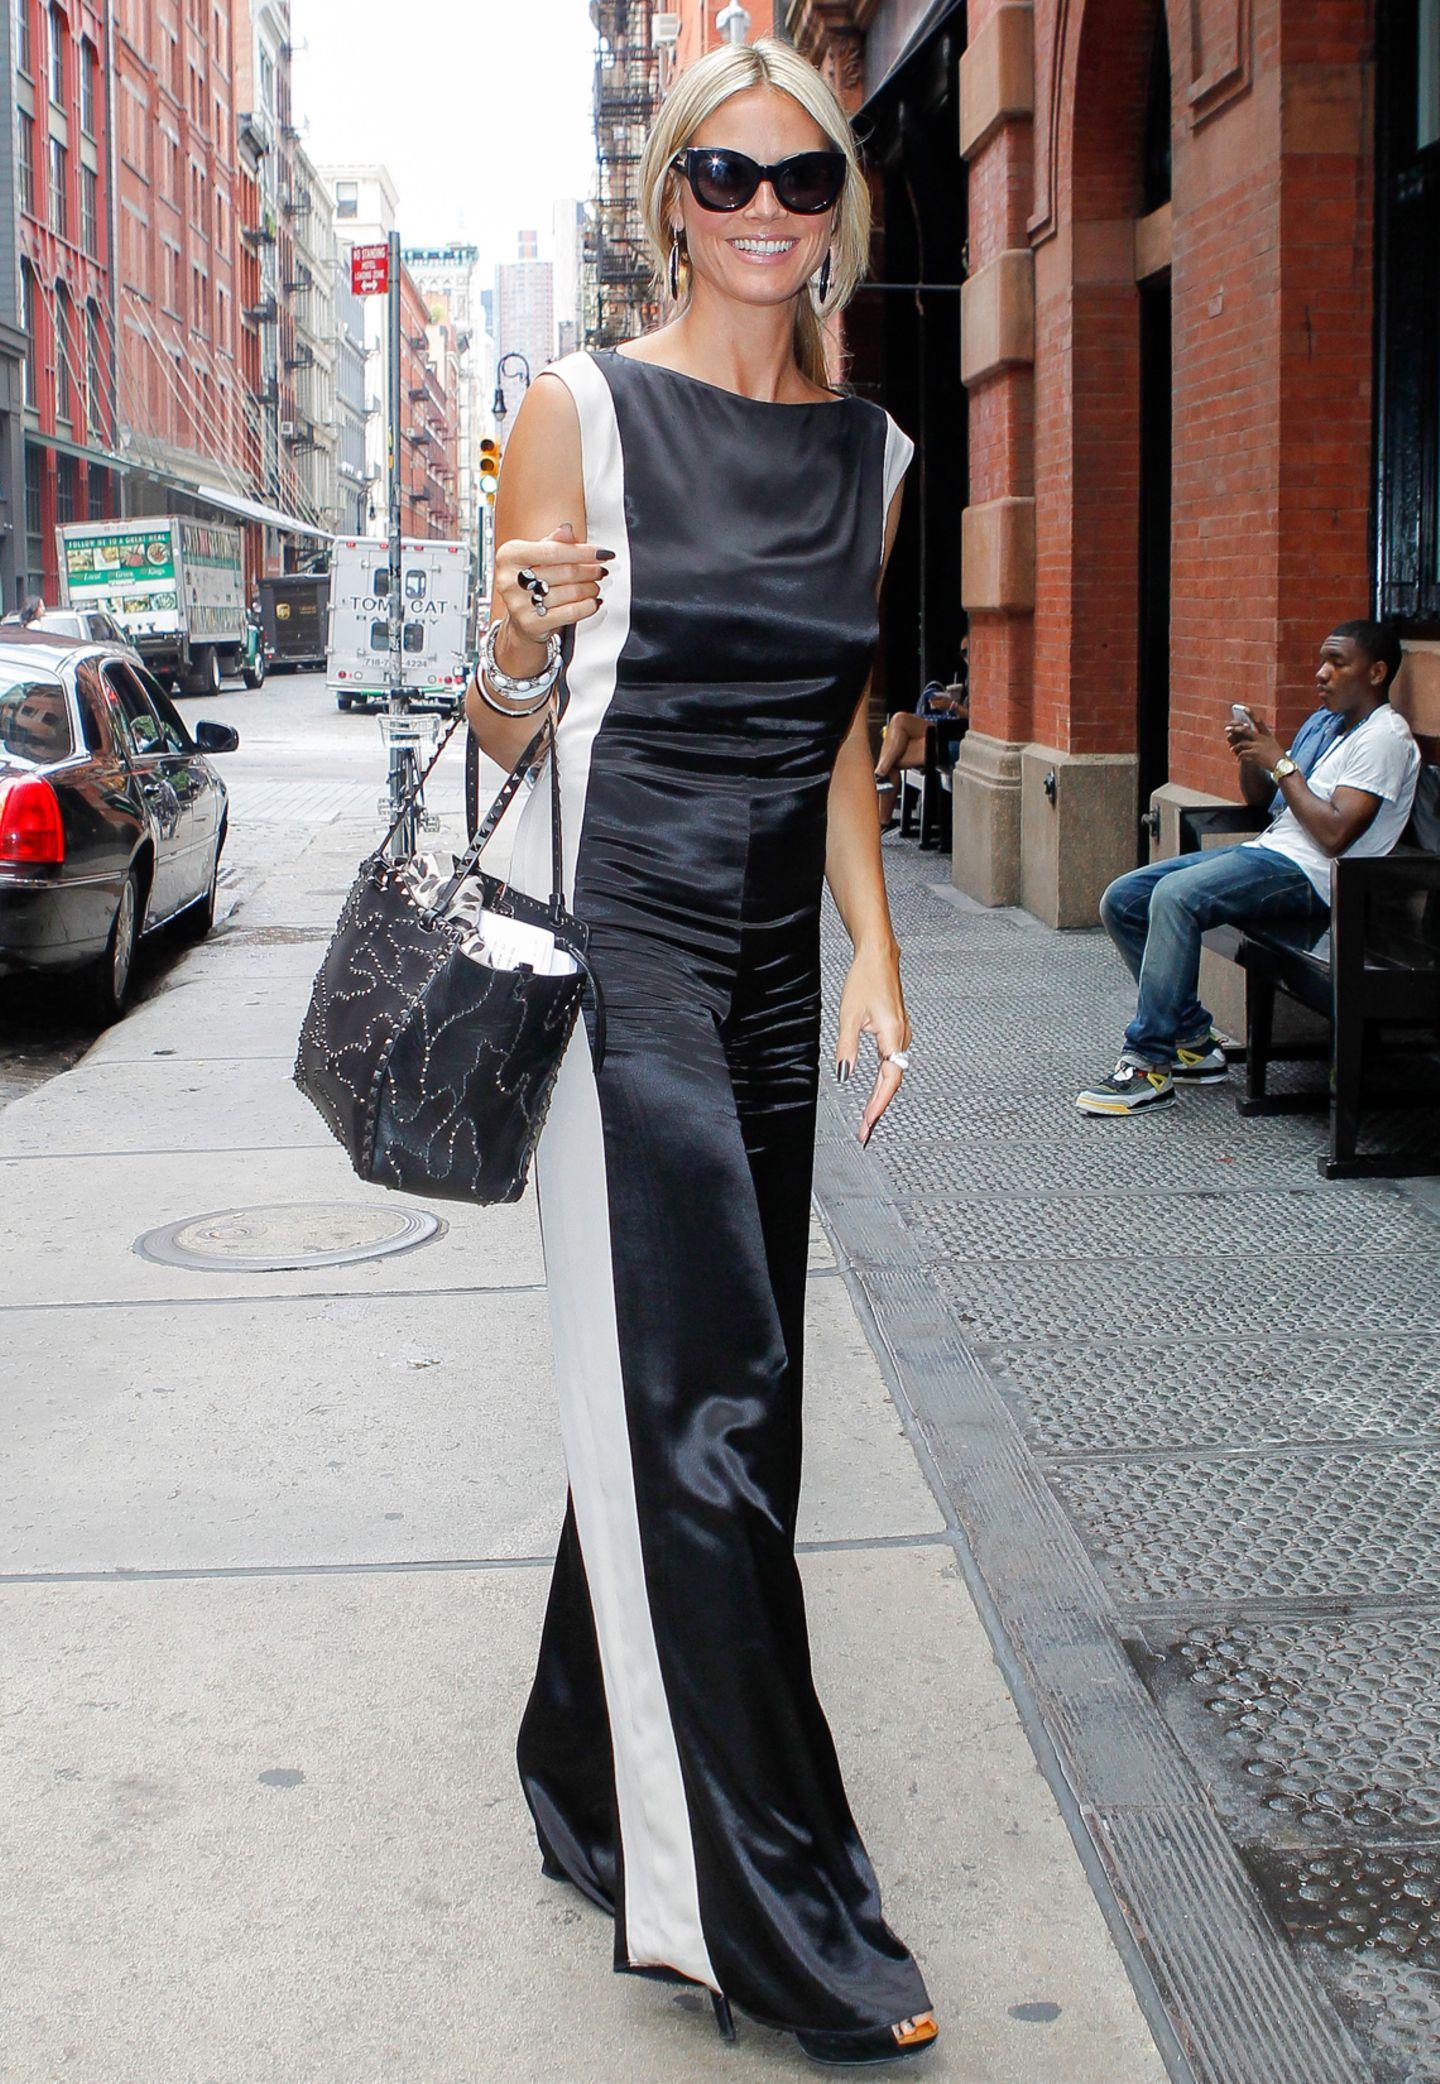 Ein bisschen ladylike, ein bisschen Disco-Chic: Heidi Klums schwarz-weißer Overall sticht in den Straßen von New York sofort ins Auge.